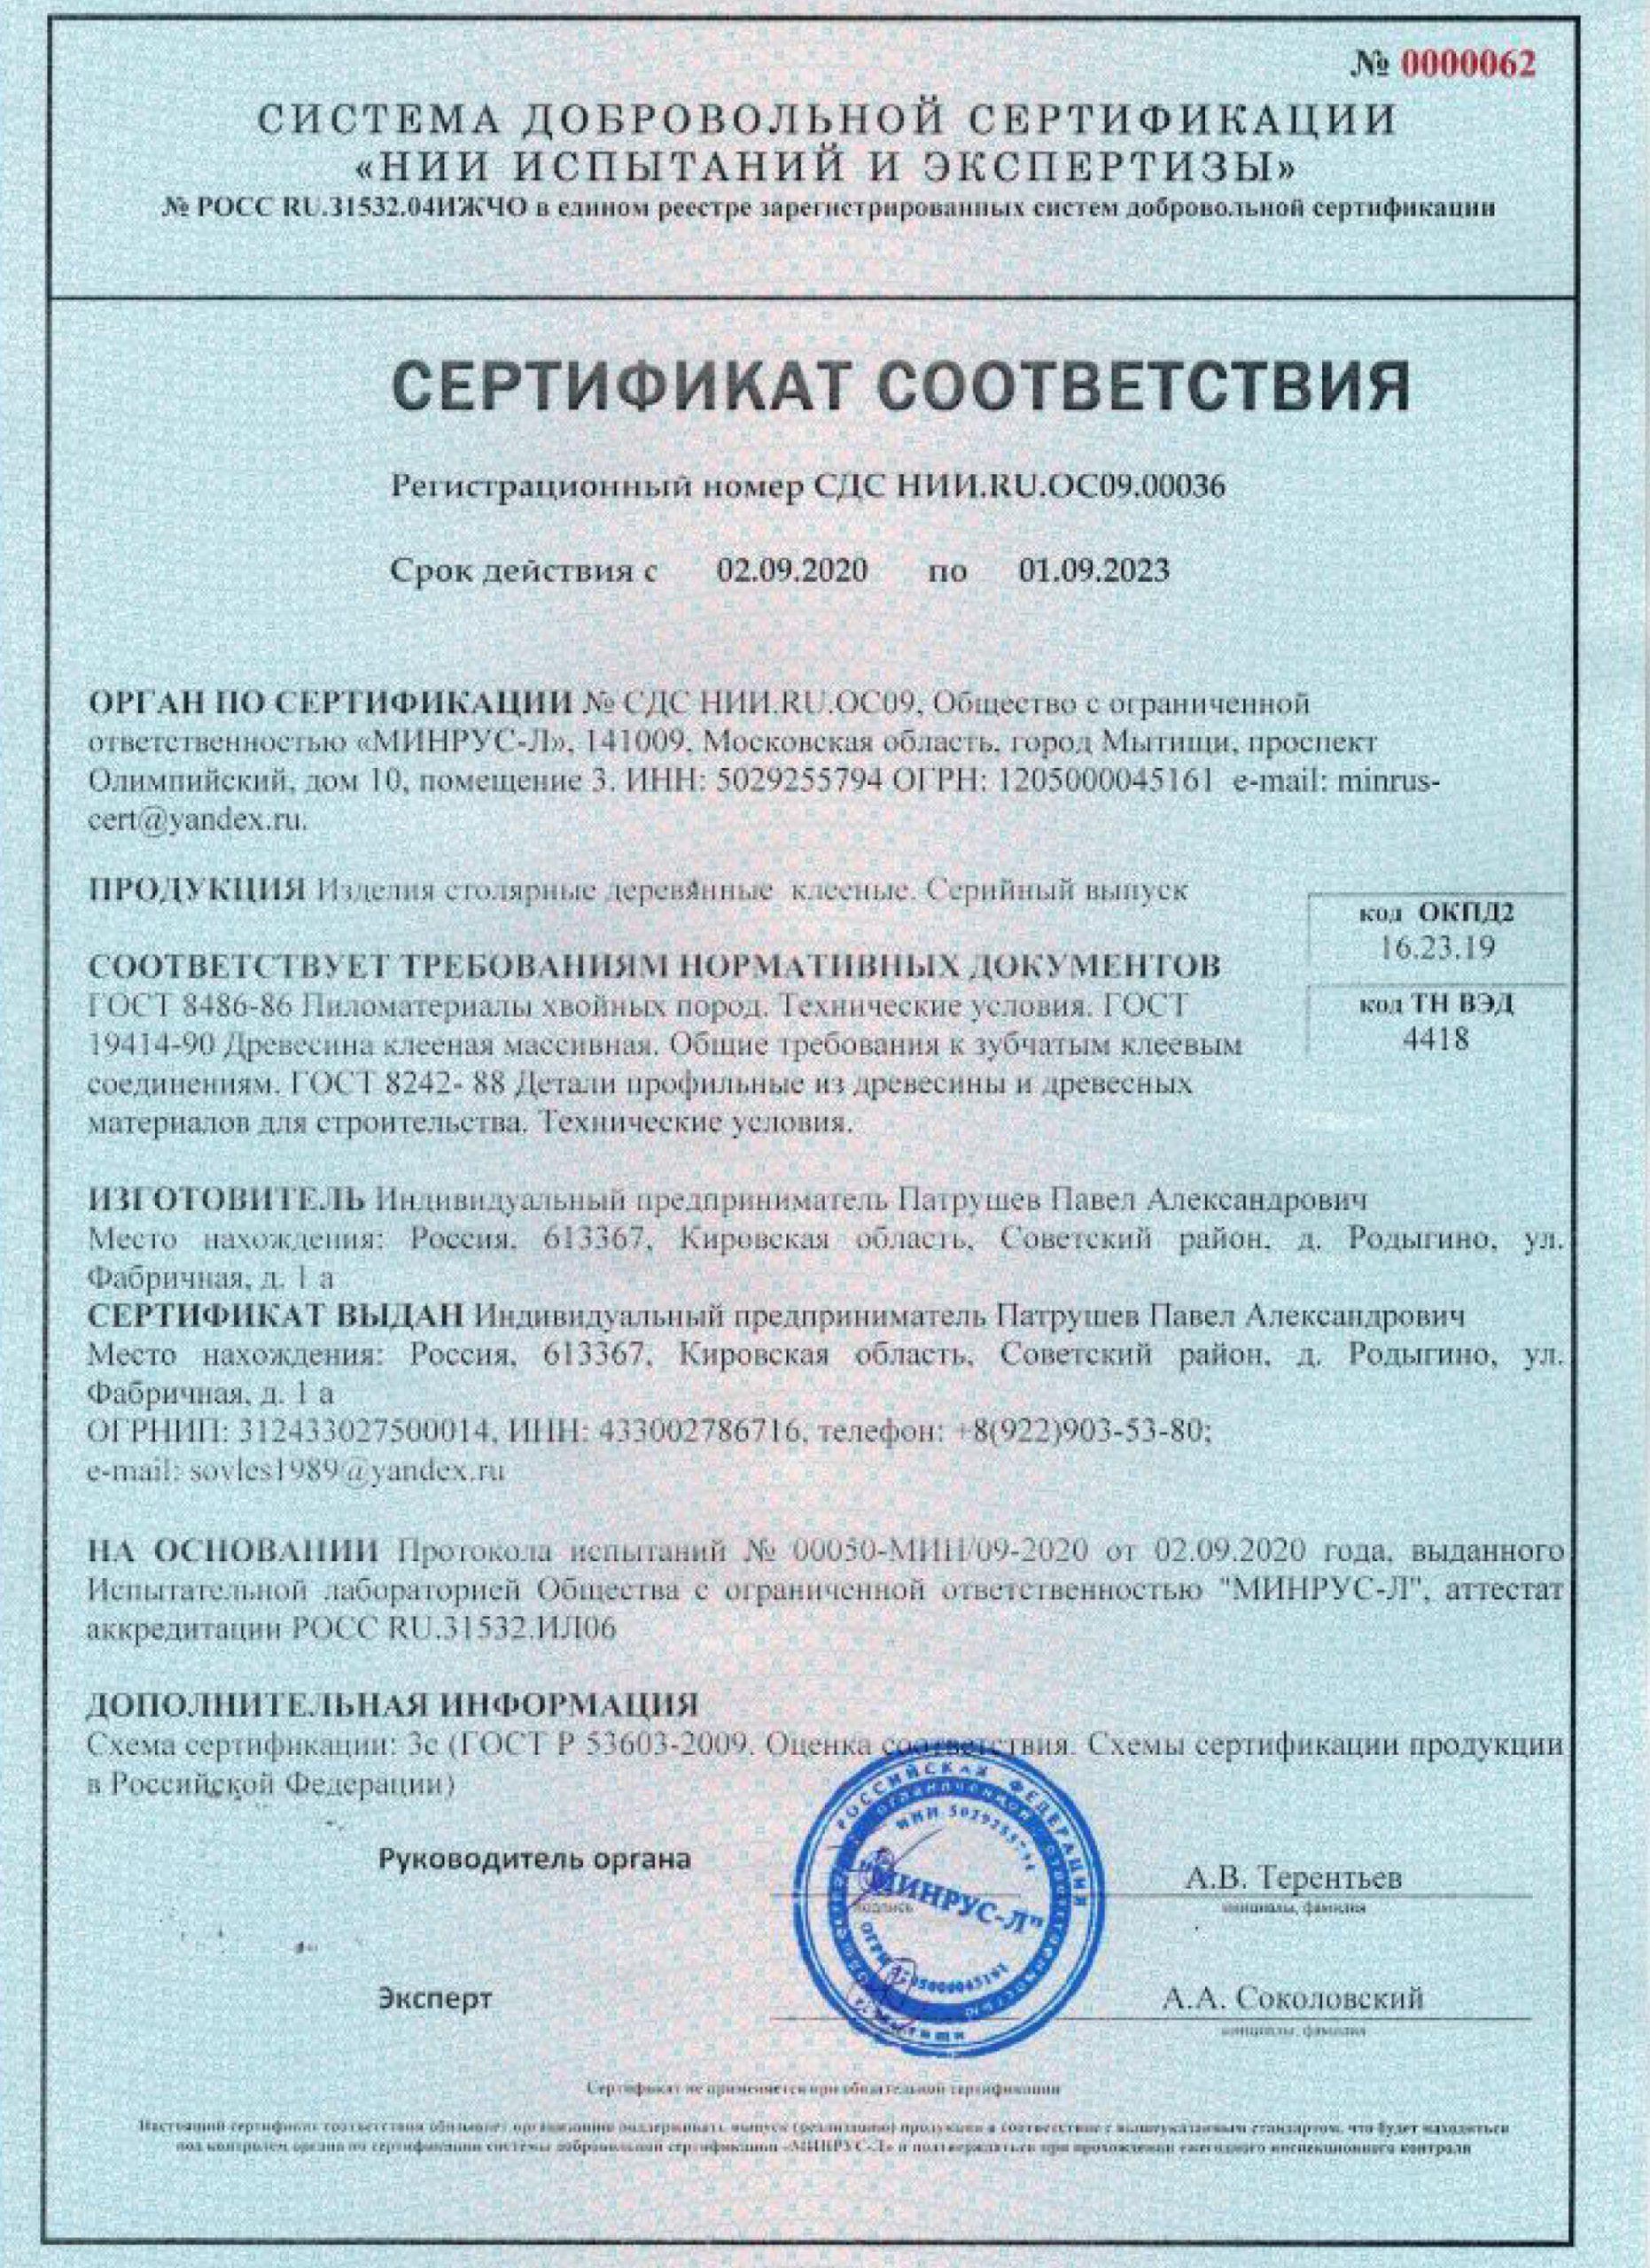 Сертификат соответствия на изделия столярные деревянные клееные